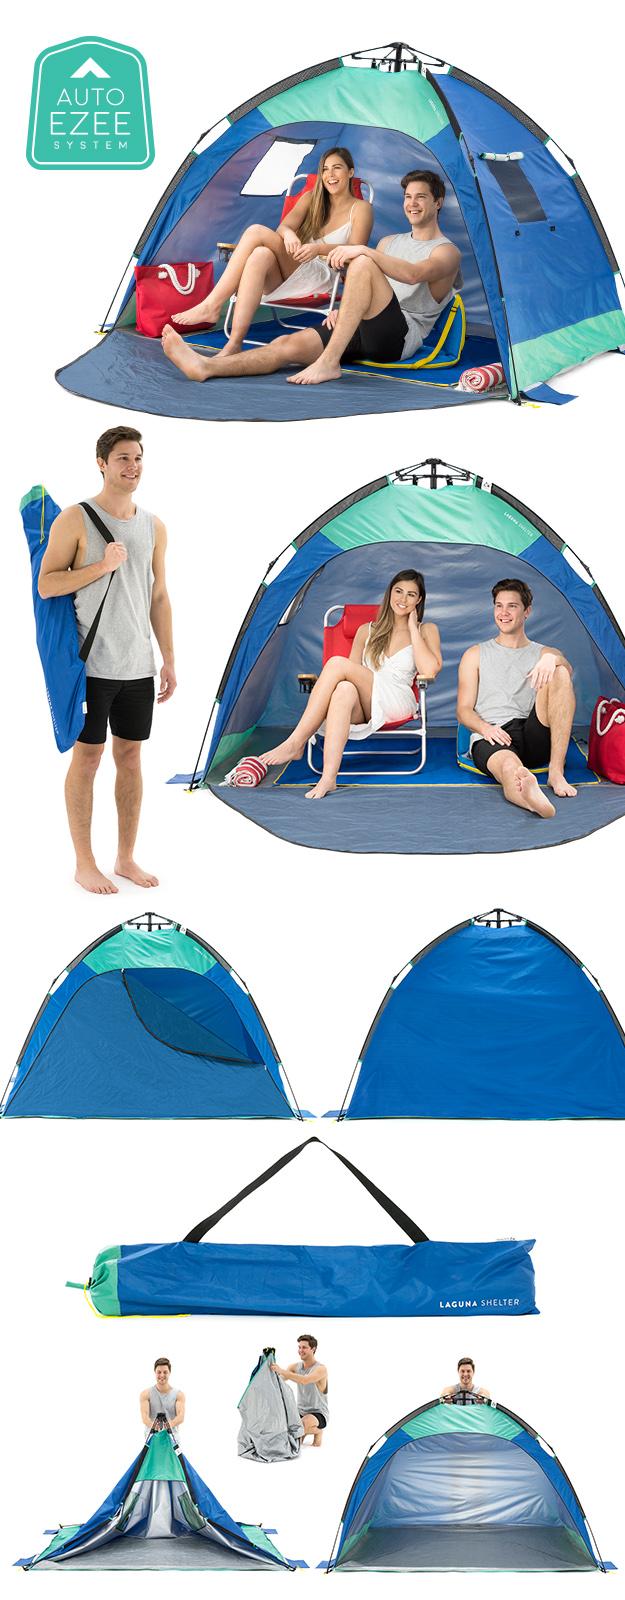 SlumberTrek Auto Ezee Laguna Sun Shelter images showing use, setup and carry bag